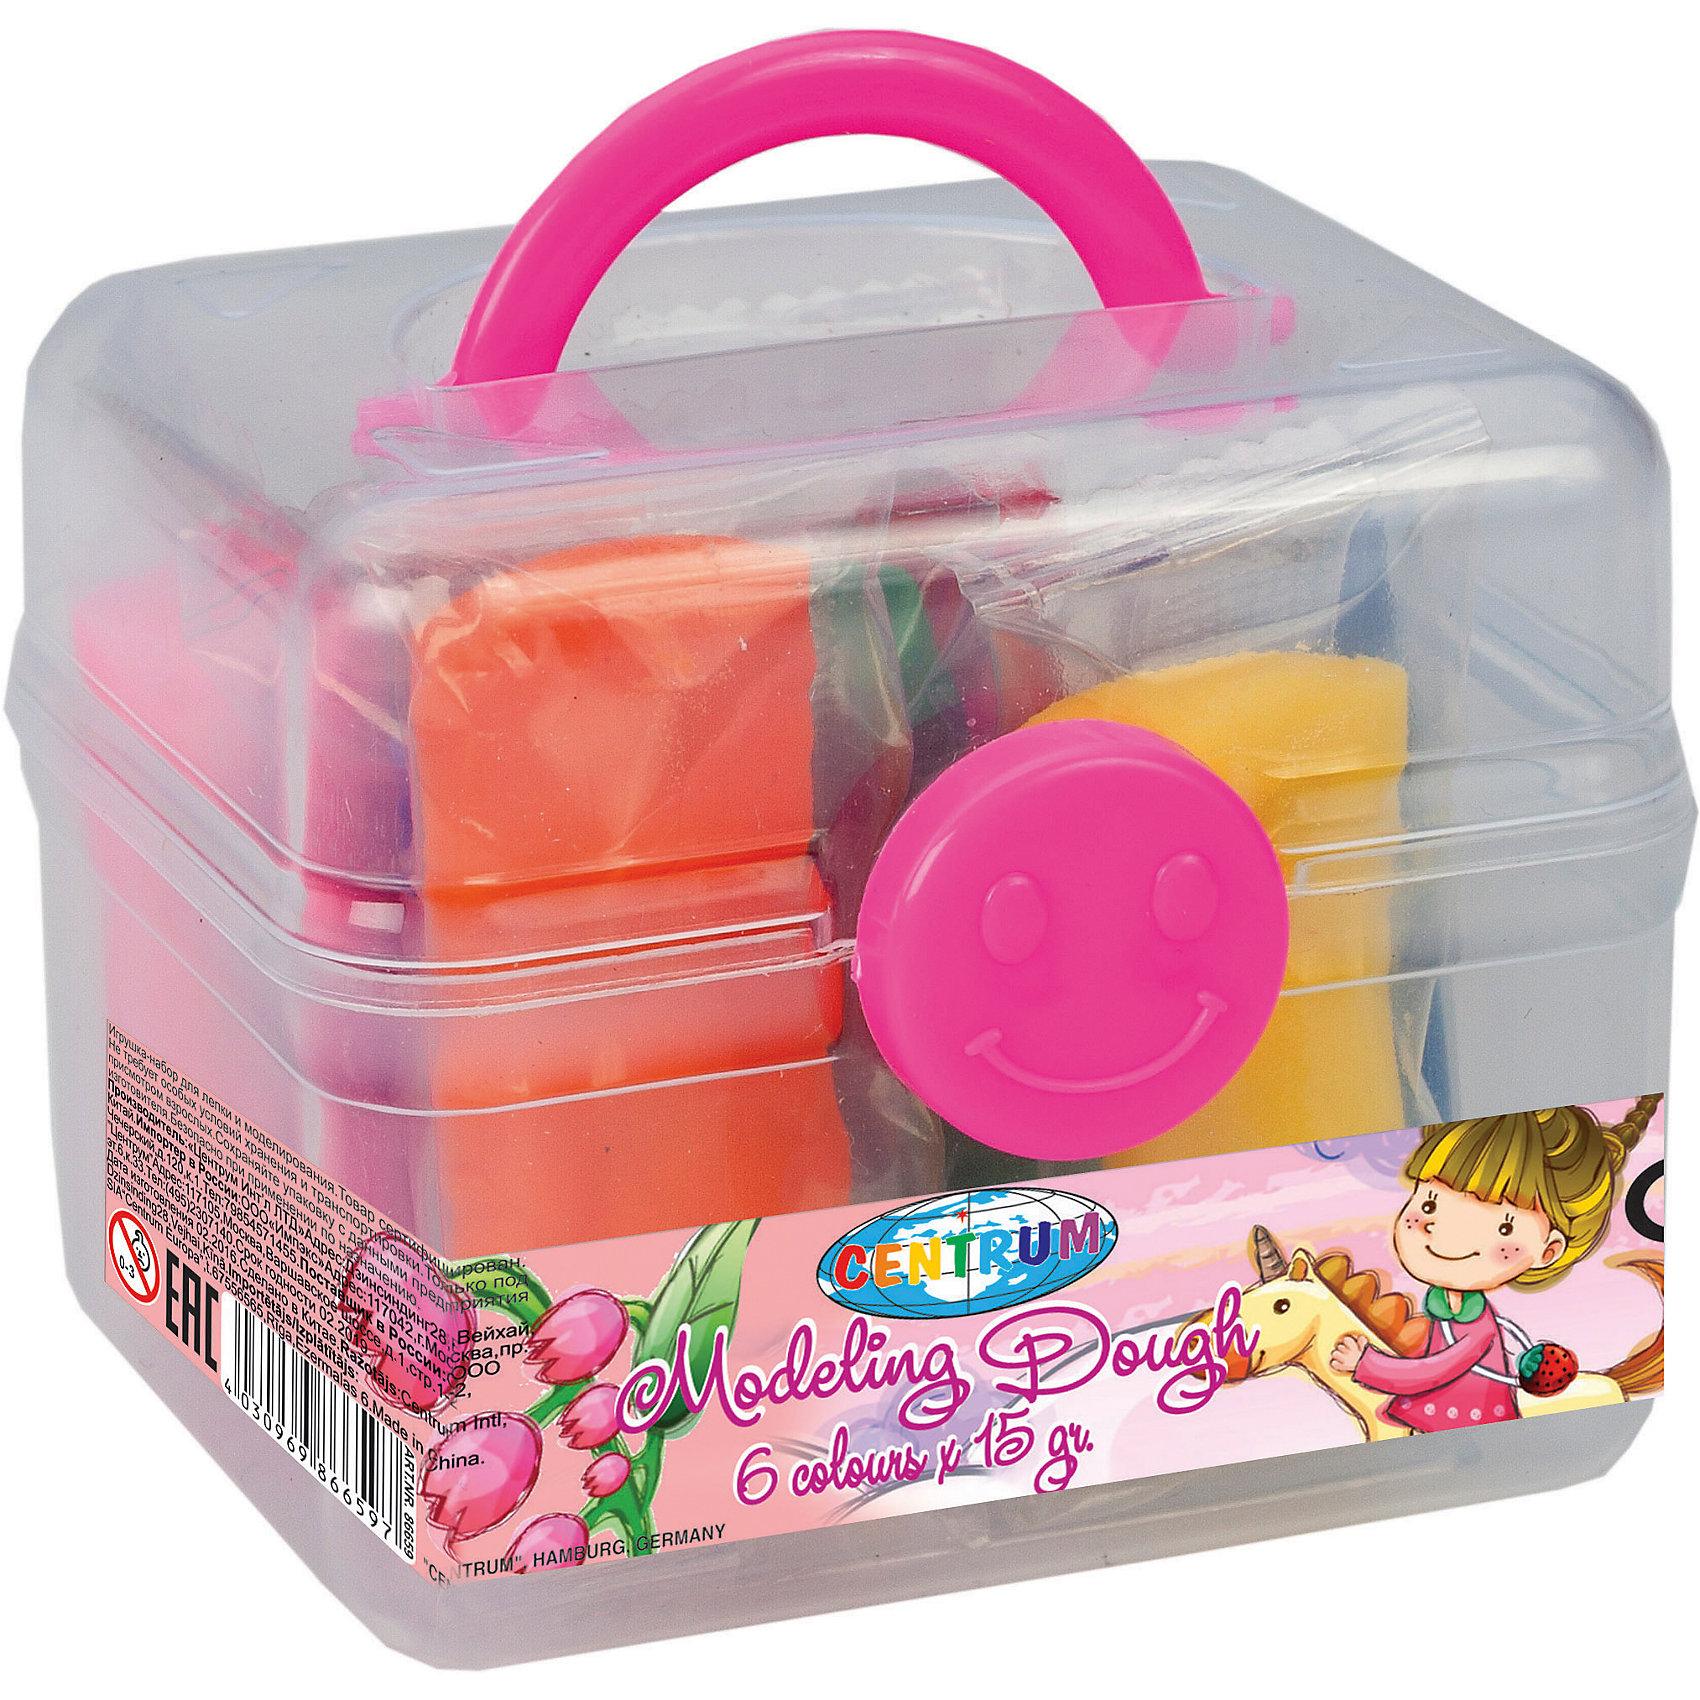 Тесто для лепки Девочка 6 цветов * 15 гТесто для лепки<br>Тесто для лепки Девочка 6 цветов * 15 г<br><br>Характеристики:<br><br>- в набор входит: чемоданчик, 6 цветов теста по 15 гр.<br>- состав: пластик, тесто: вода, мука, масло. <br>- формат: 9 * 7,5 * 7 см.<br>- вес: 150 гр.<br>- для детей в возрасте: от 3 до 7 лет<br>- Страна производитель: Китай<br><br>Тесто для лепки в удобном чемоданчике Девочка придет по вкусу малышам и родителям. Компания Centrum (Центрум) специализируется на товарах для детского творчества и развития. Безопасный состав теста нетоксичен и безопасен для детей. Веселая девочка и яркие рисунки на чемоданчике понравятся девочкам. Яркие шесть цветов теста можно смешивать между собой и получать новые оттенки, что понравится юным творцам. После игры тесто можно хранить в практичном пластиковом чемоданчике из комплекта. Работа с тестом для лепки разрабатывает моторику рук, творческие способности, успокаивает, помогает развить аккуратность и внимание. <br><br>Тесто для лепки Девочка 6 цветов * 15 г можно купить в нашем интернет-магазине.<br><br>Ширина мм: 75<br>Глубина мм: 90<br>Высота мм: 70<br>Вес г: 150<br>Возраст от месяцев: 36<br>Возраст до месяцев: 120<br>Пол: Женский<br>Возраст: Детский<br>SKU: 5175487